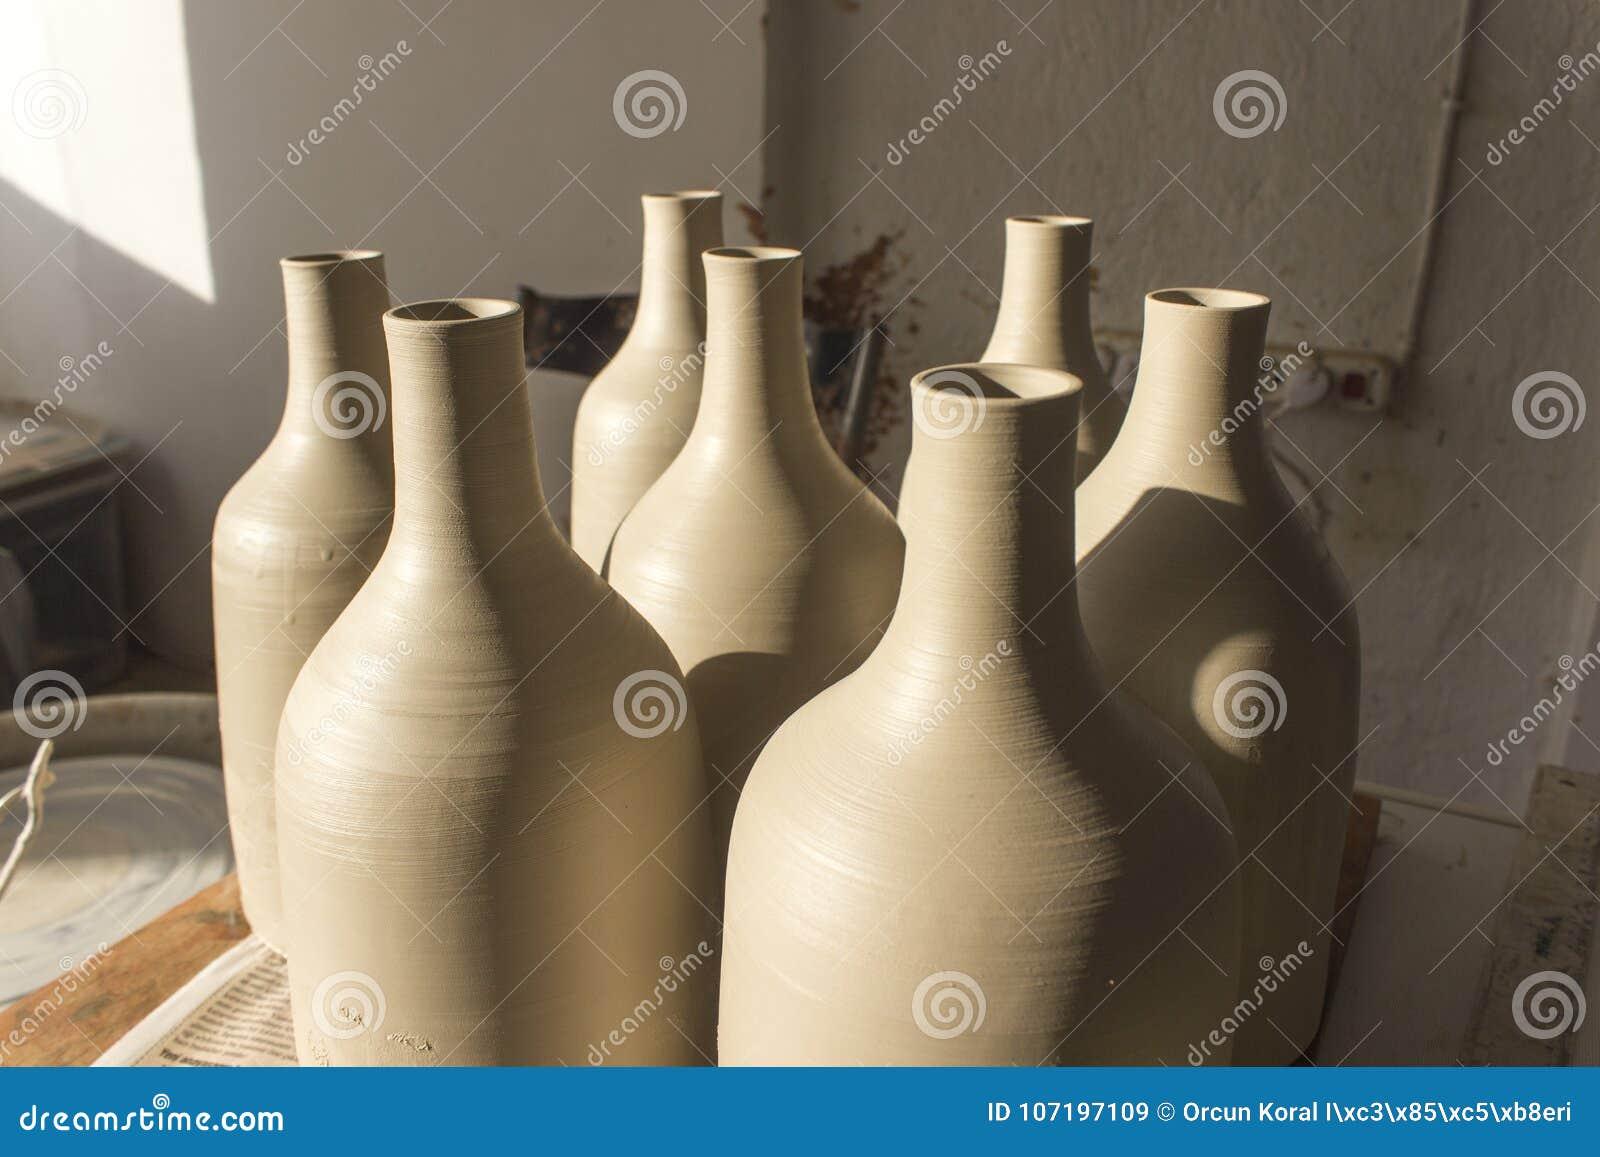 Съемка вид спереди для серии традиционного handmade дизайна бутылки от материала серого цвета сырцового керамического после сваре